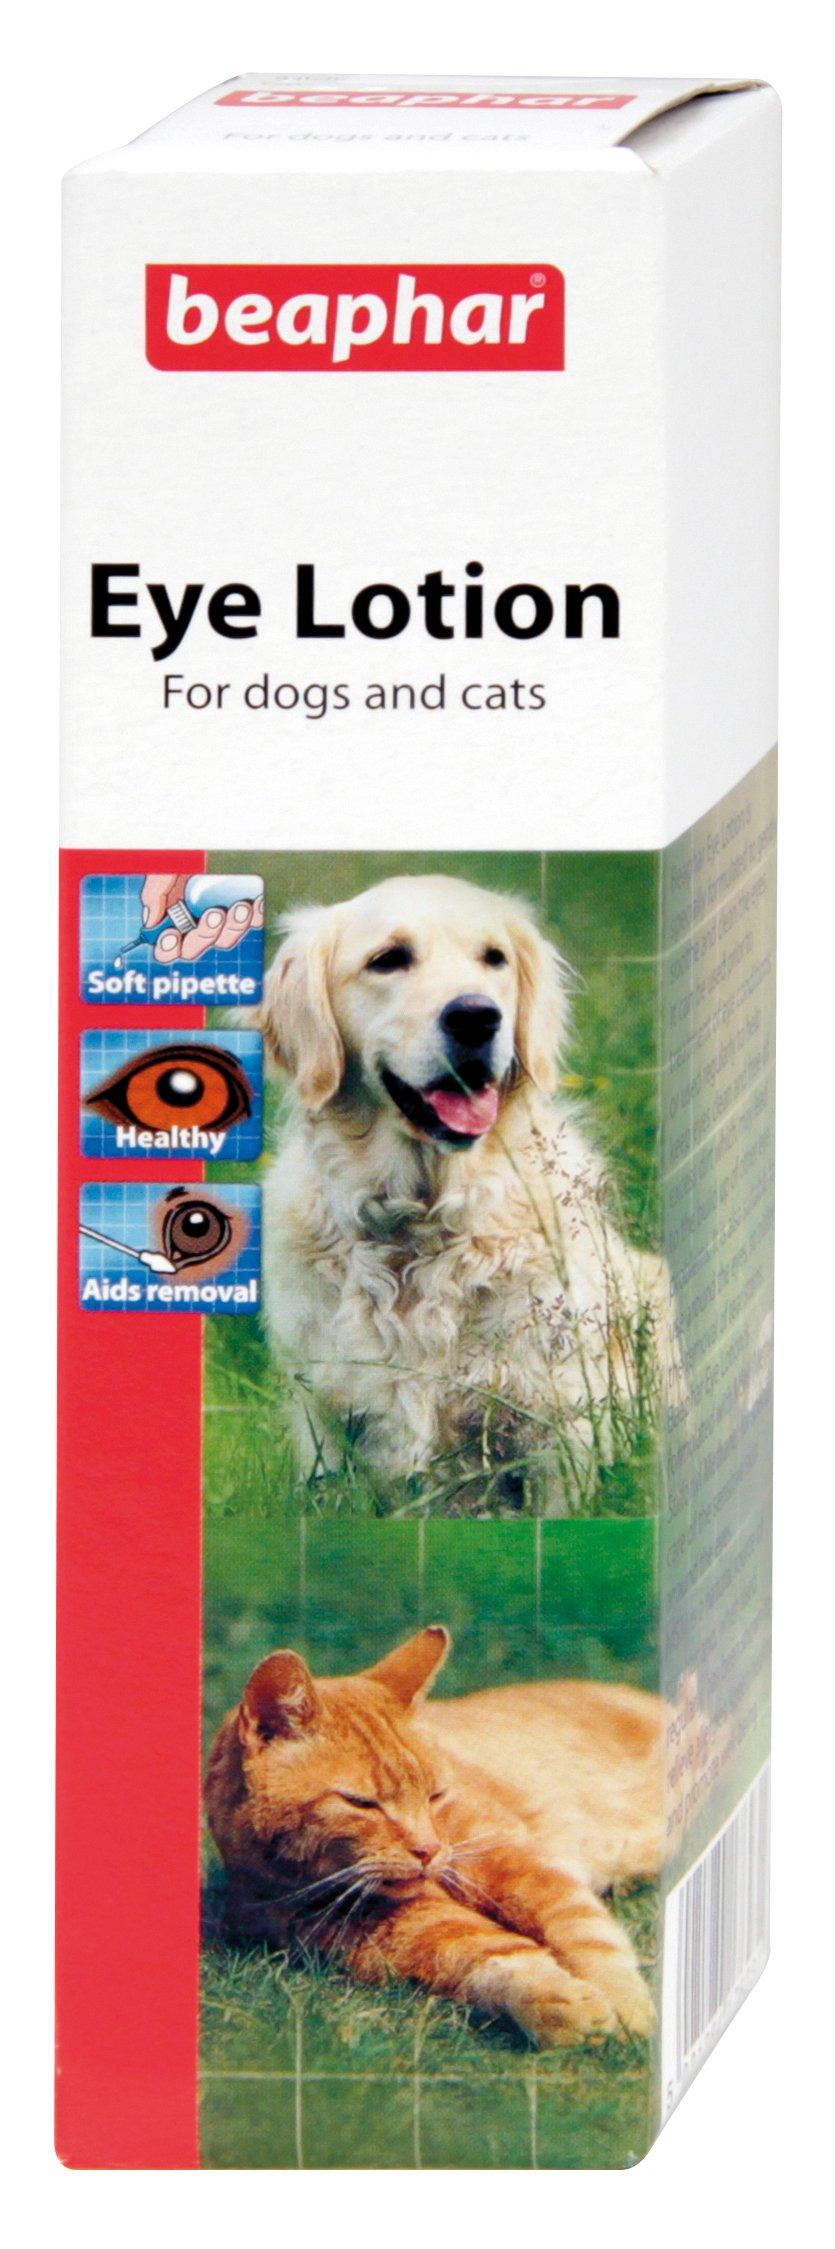 Beaphar Dog Cat Eye Lotion 50ml Sterile Saline – Solution